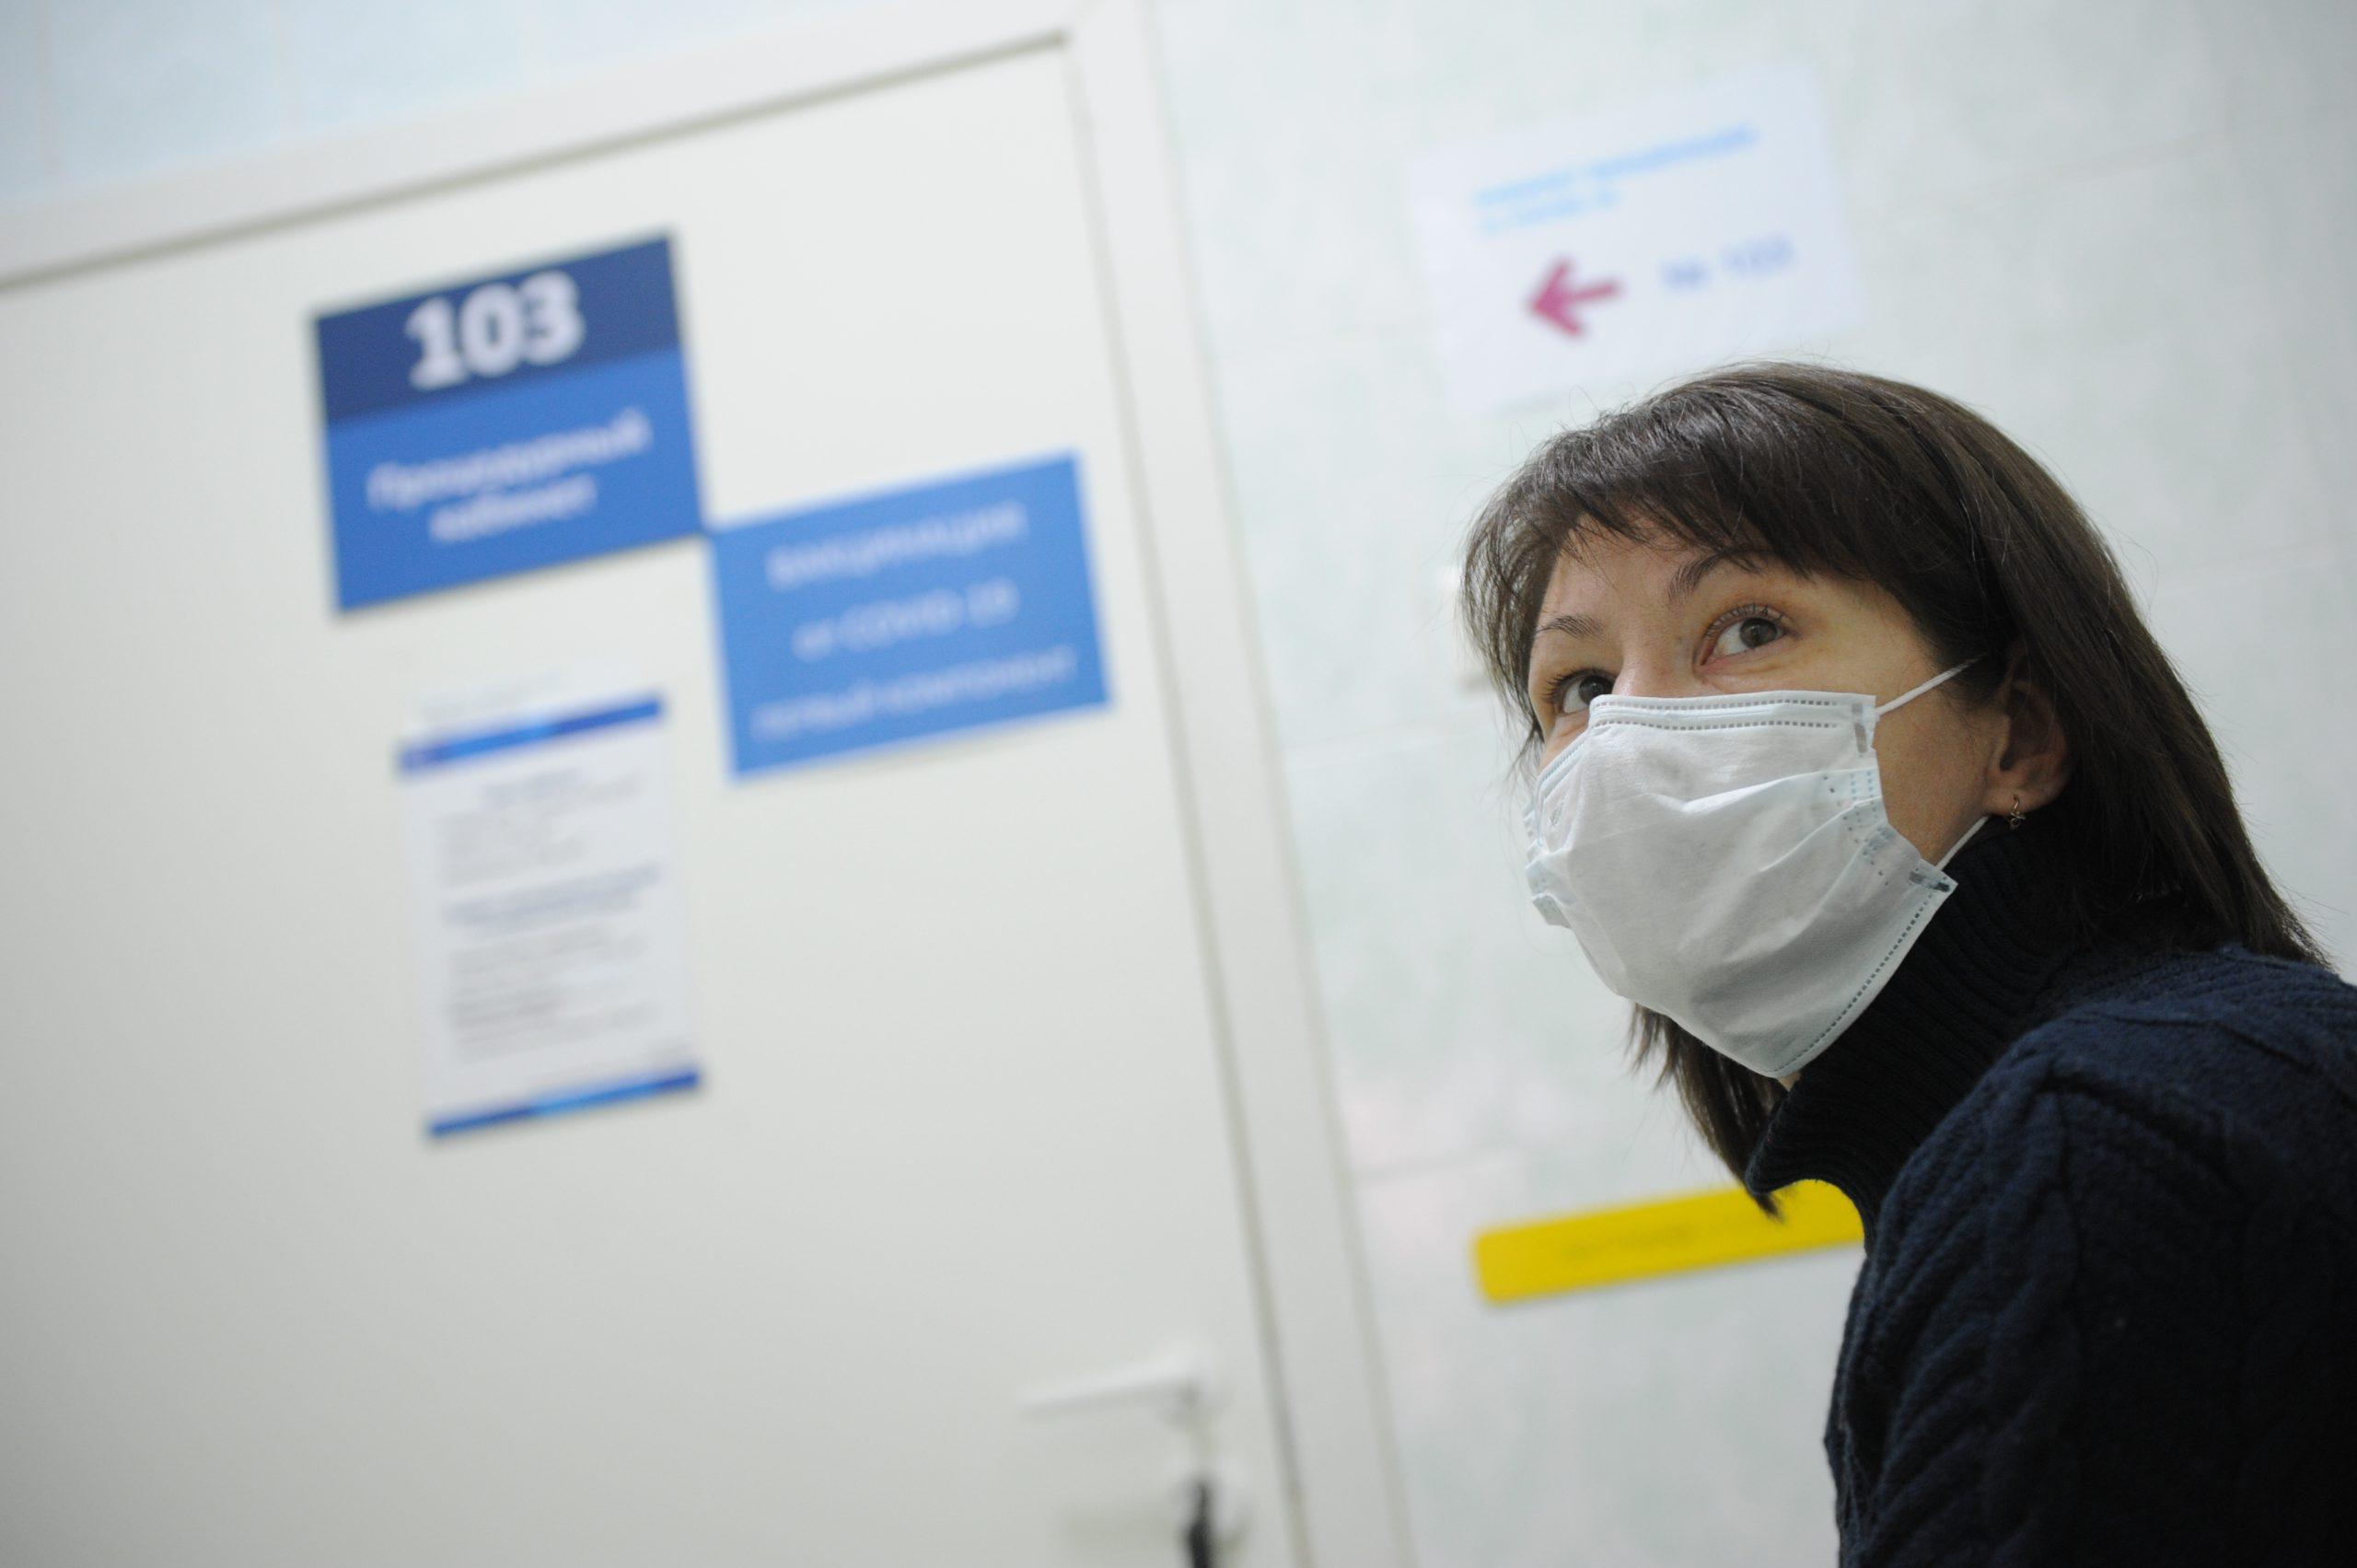 Московские врачи поставили более двух тысяч диагнозов COVID-19 за сутки